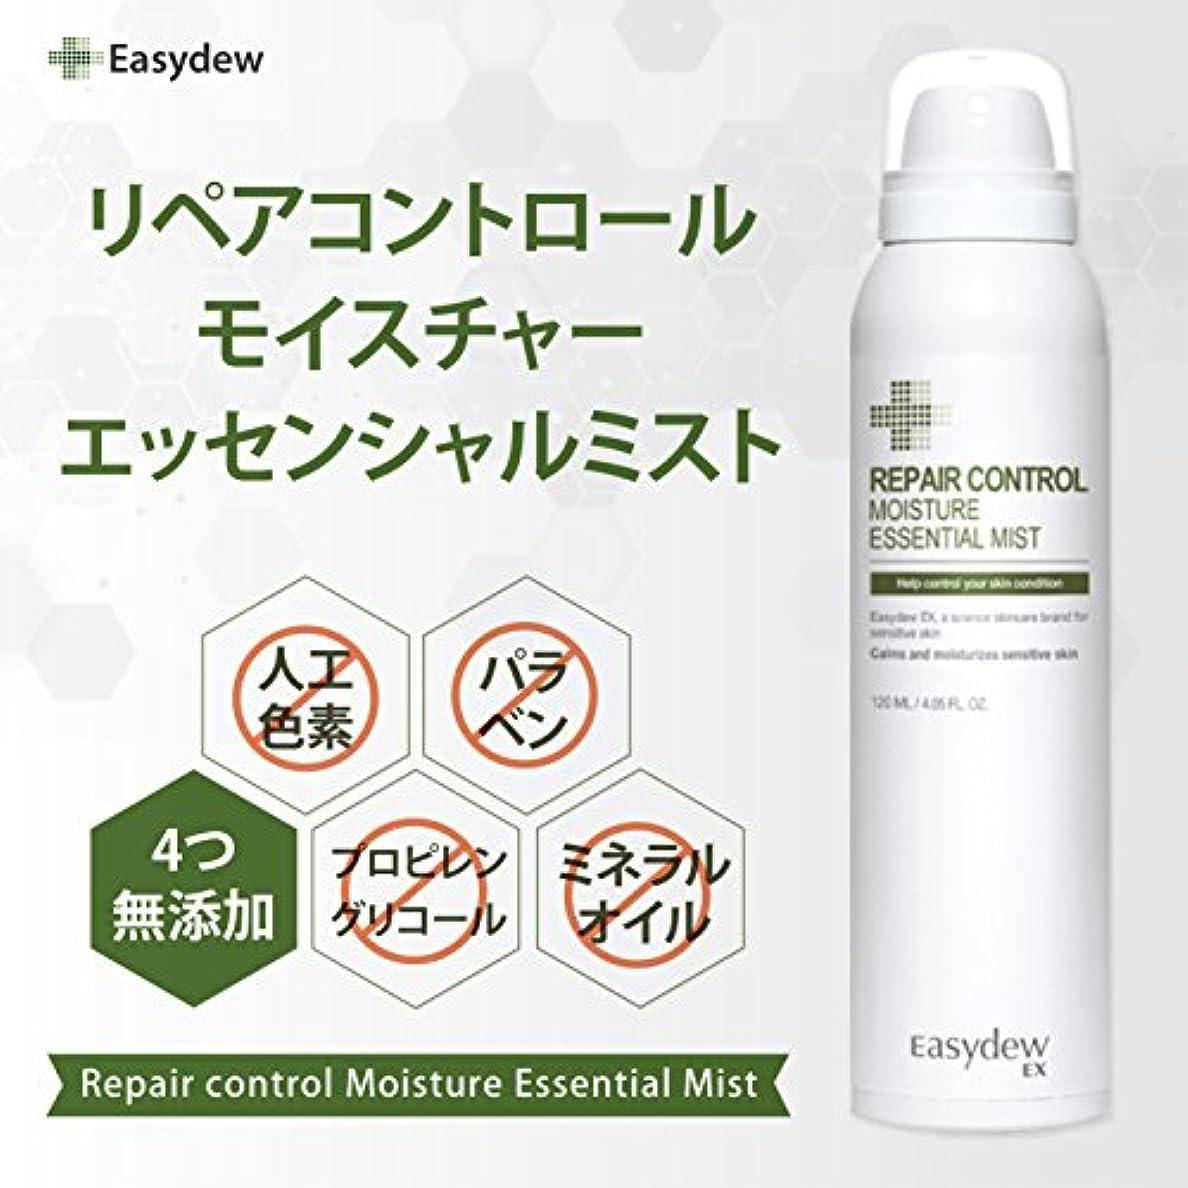 崇拝します武装解除偽善EASYDEW EX リペア コントロール モイスチャー エッセンシャル ミスト Repair Control Moisture Essential Mist 120ml